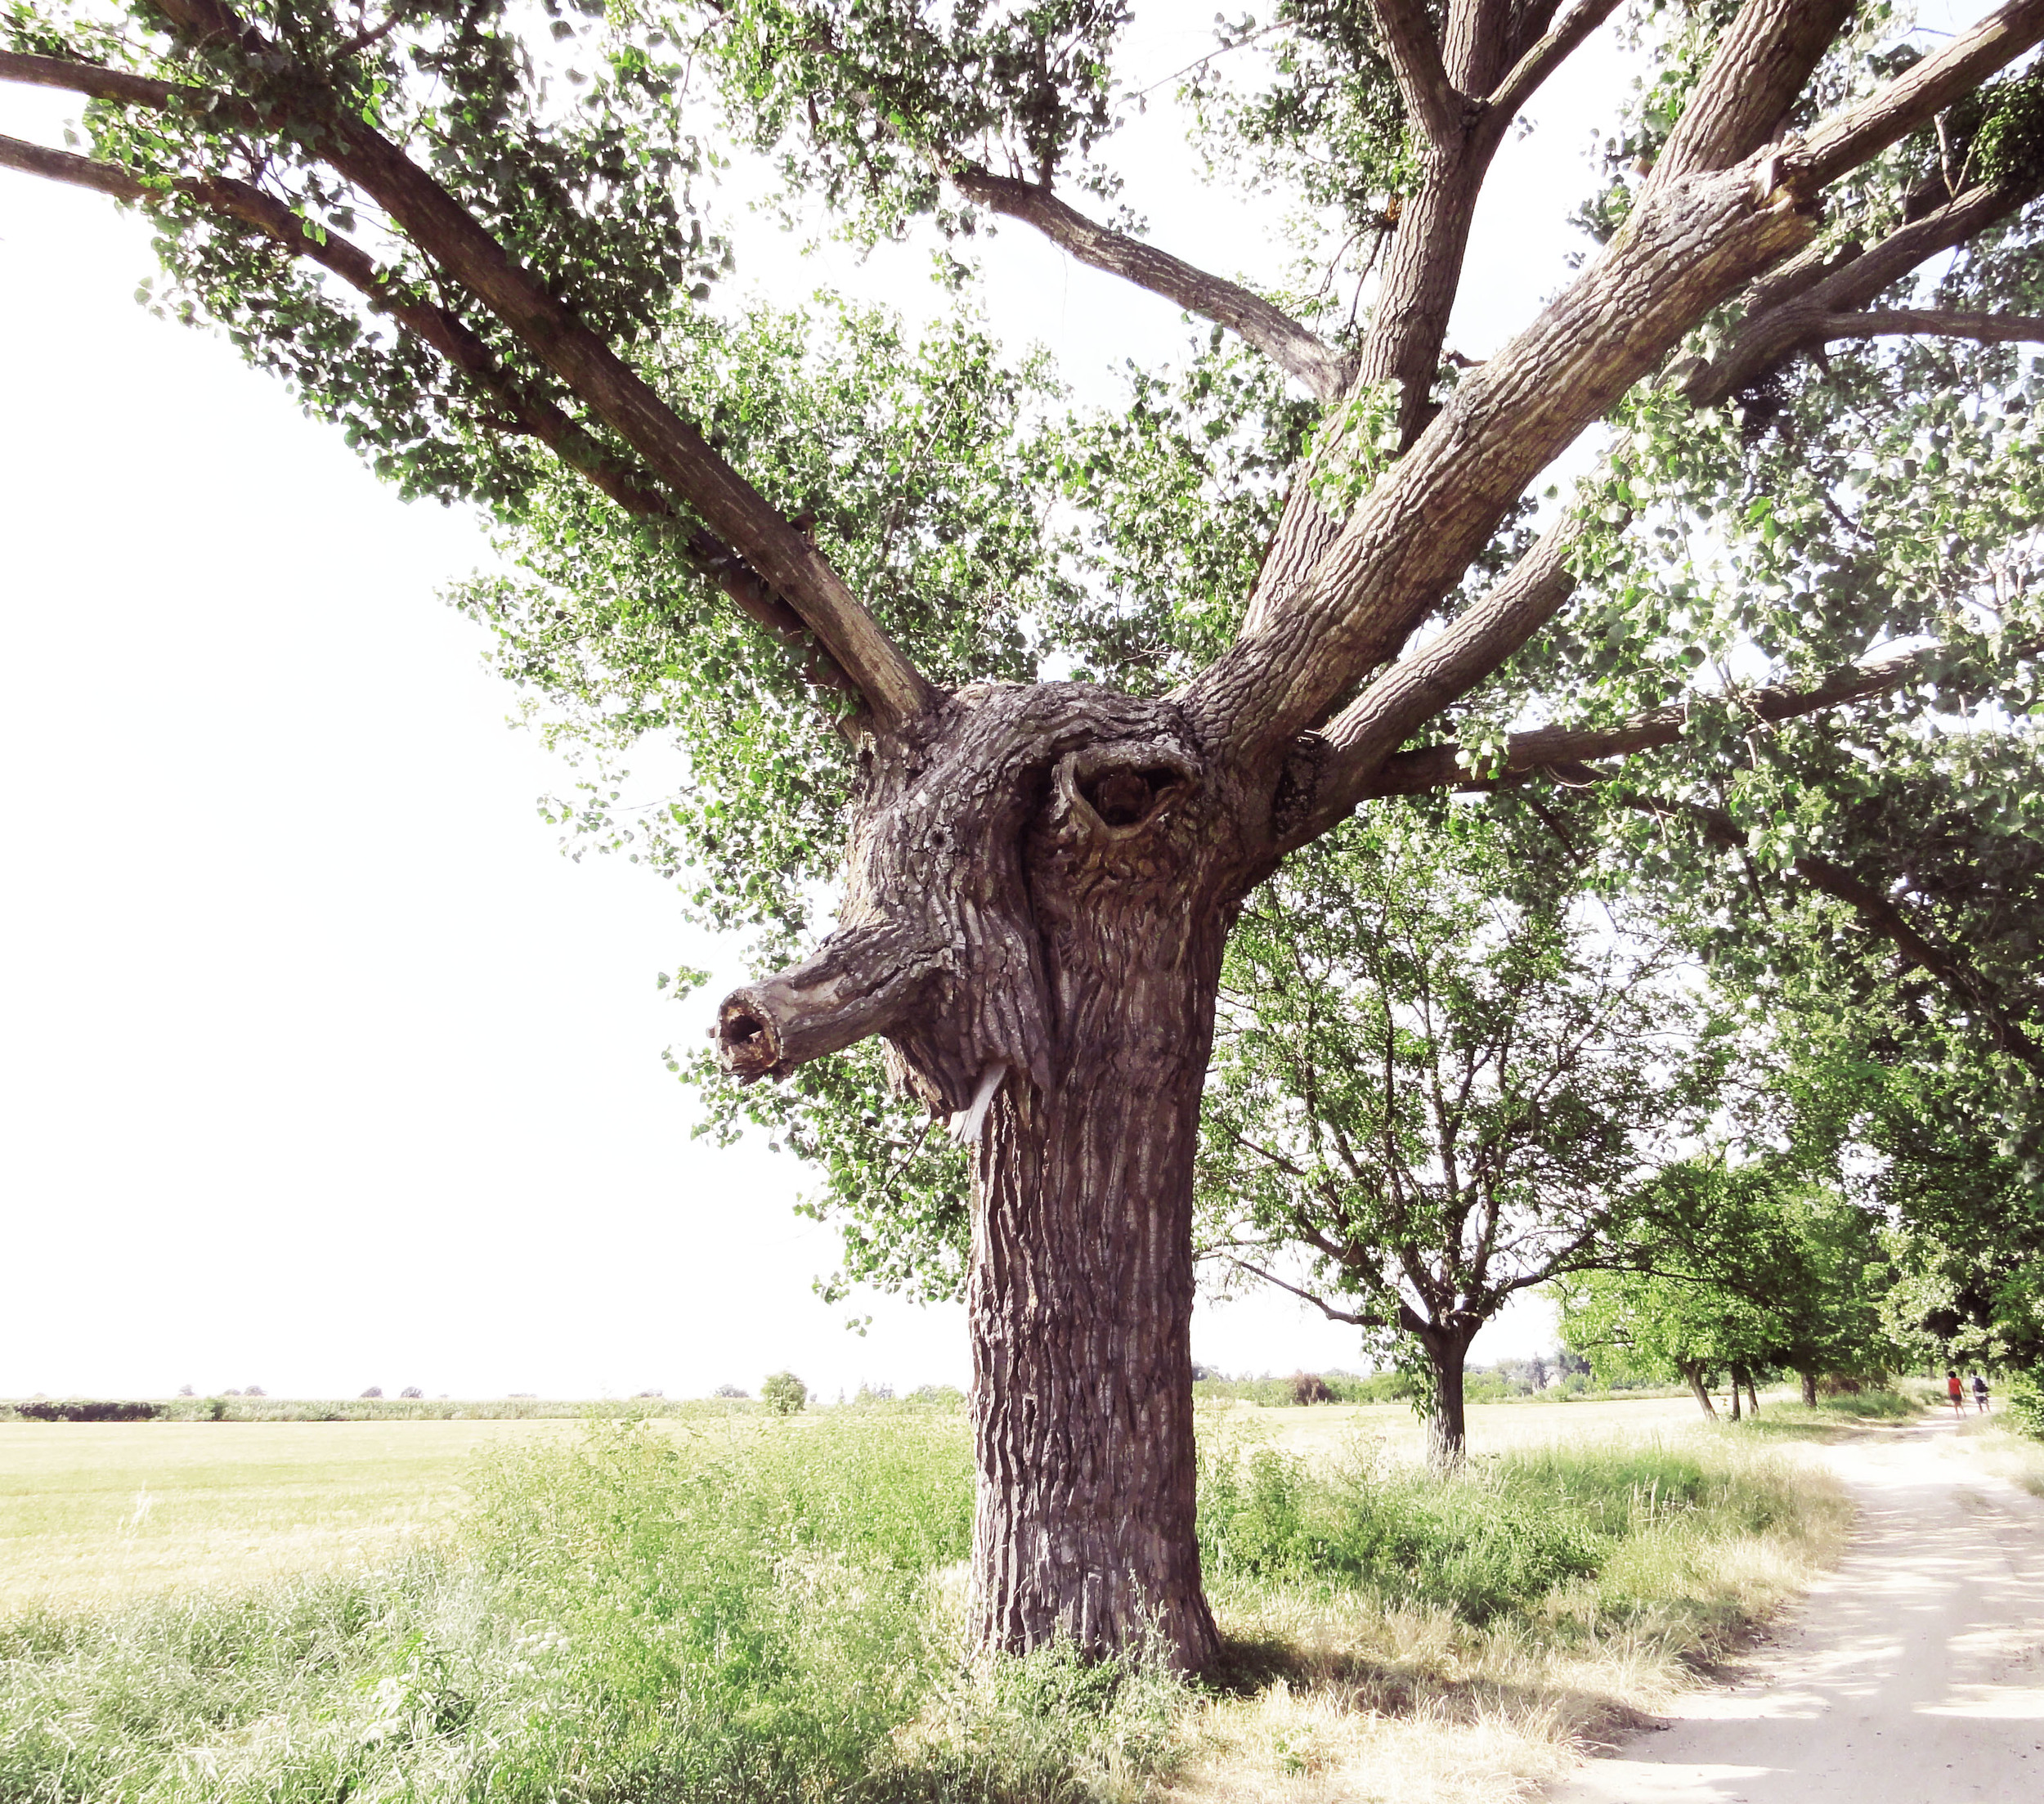 """We saw amazing trees, in this one I saw a deer with funny nose. In another one were big owl eyes or funny face with crazy hair from branches.  //  Cestou jsme viděli i jiné zázraky přírody, jako třeba """"skoro živé"""" stromy. Tenhle mi připomínal jelena se srandovním nosem. Na jiných byly zase vidět obří soví oči nebo legrační obličej s bláznivými vlasy z větví."""